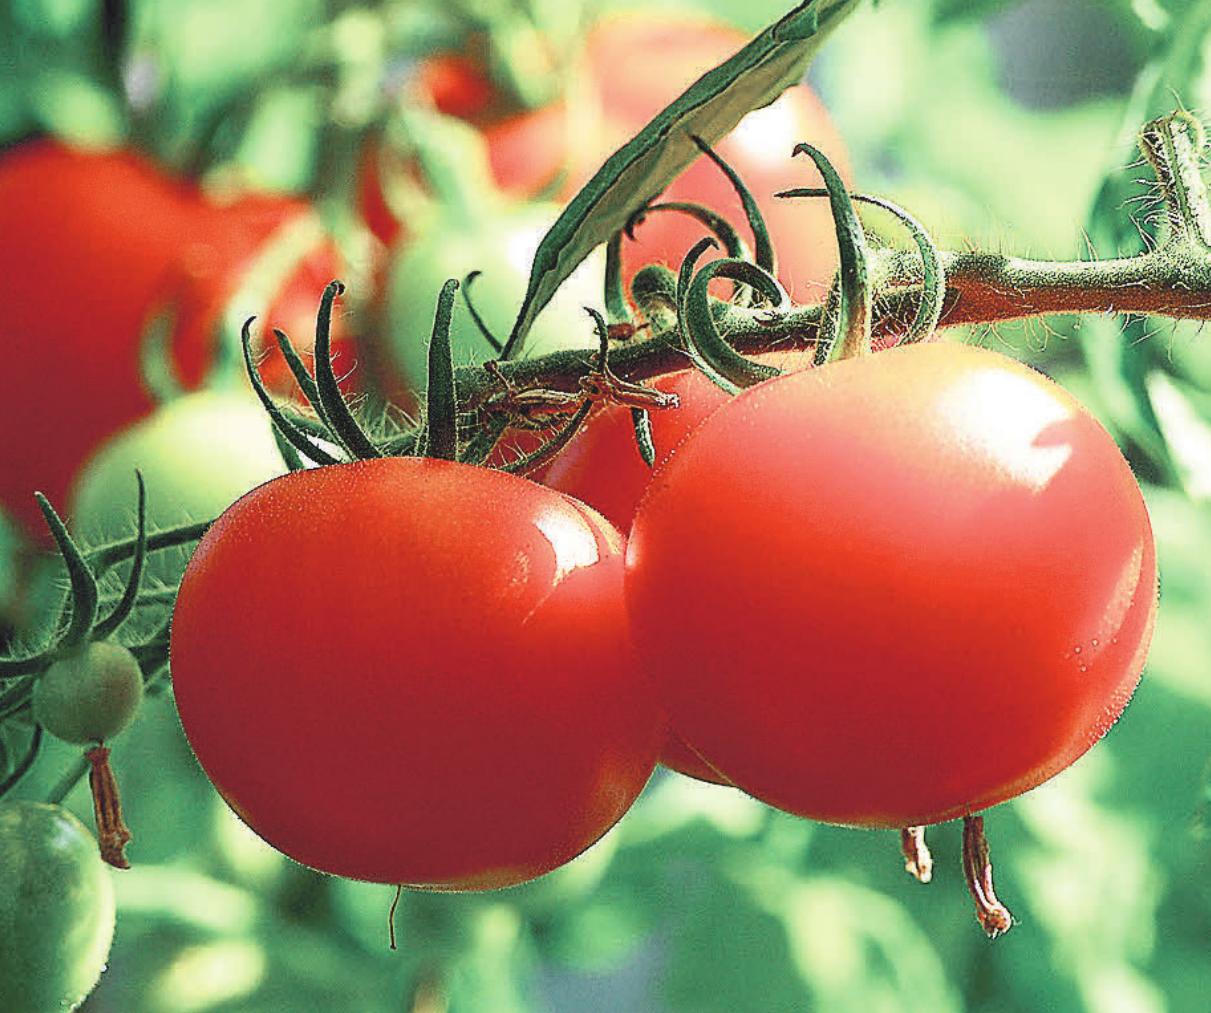 Tomaten können nicht nur in einem Garten angepflanzt werden. Foto: Pixabay/axelmellin